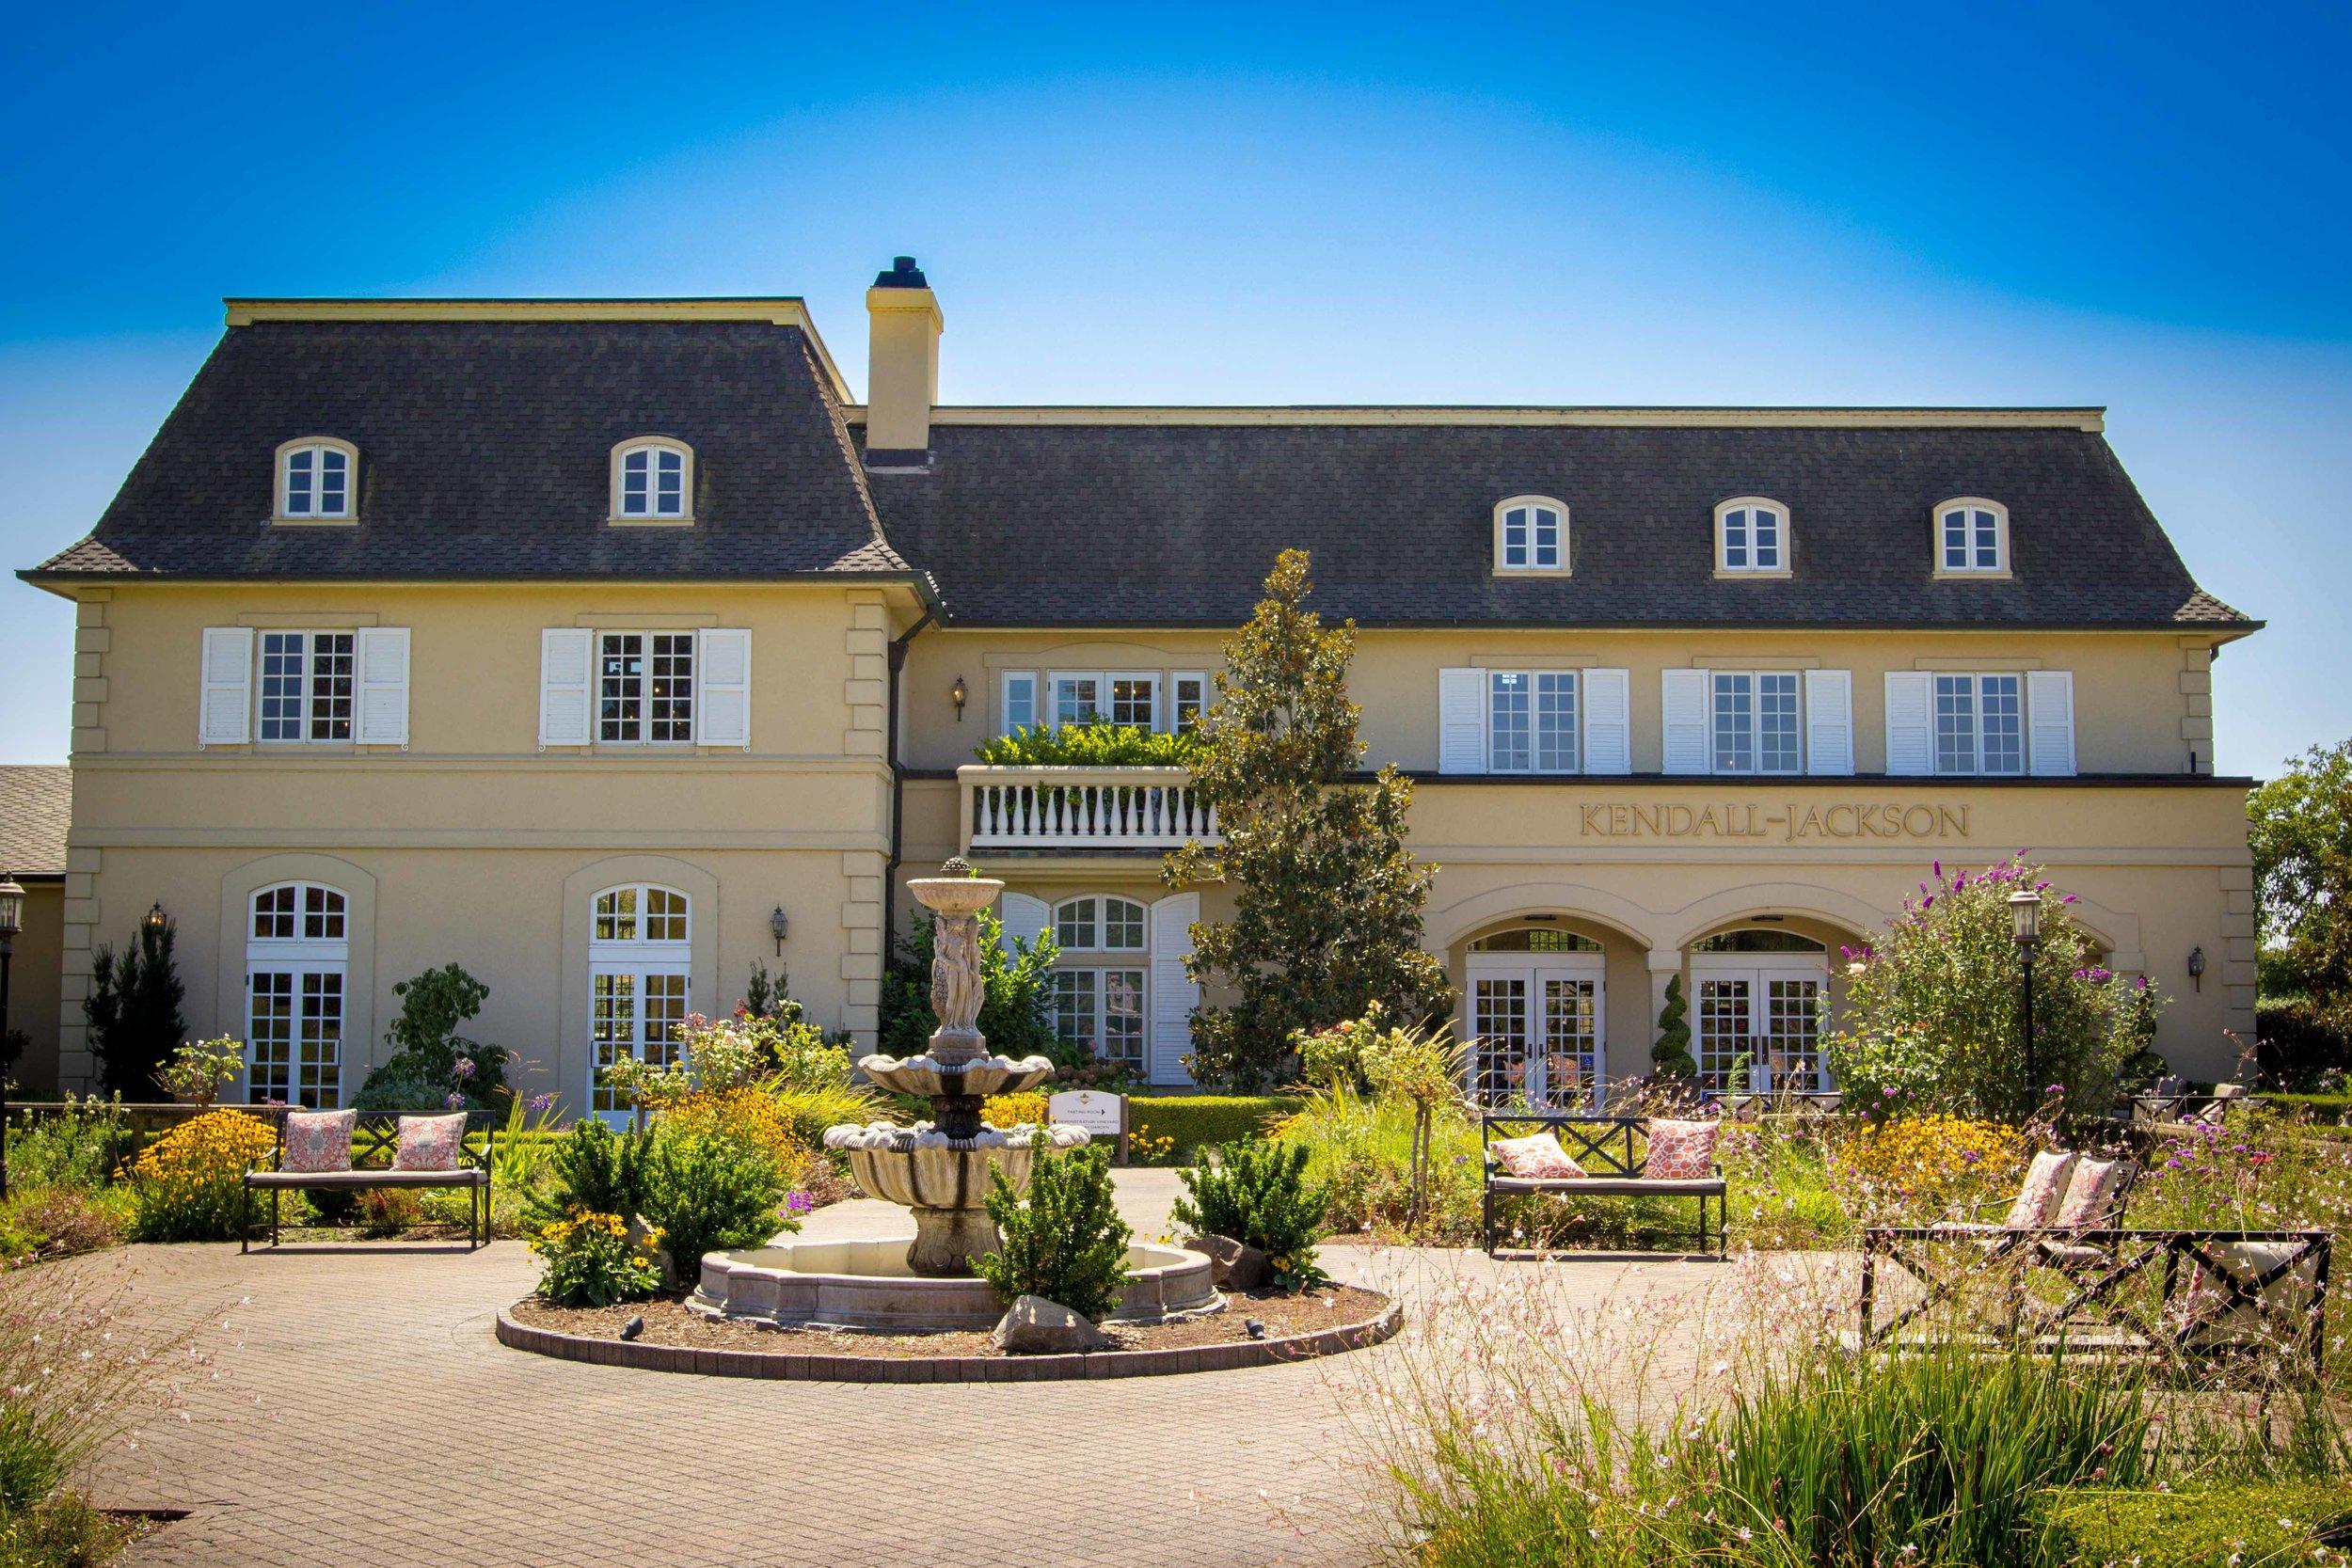 The Kendall-Jackson Estate